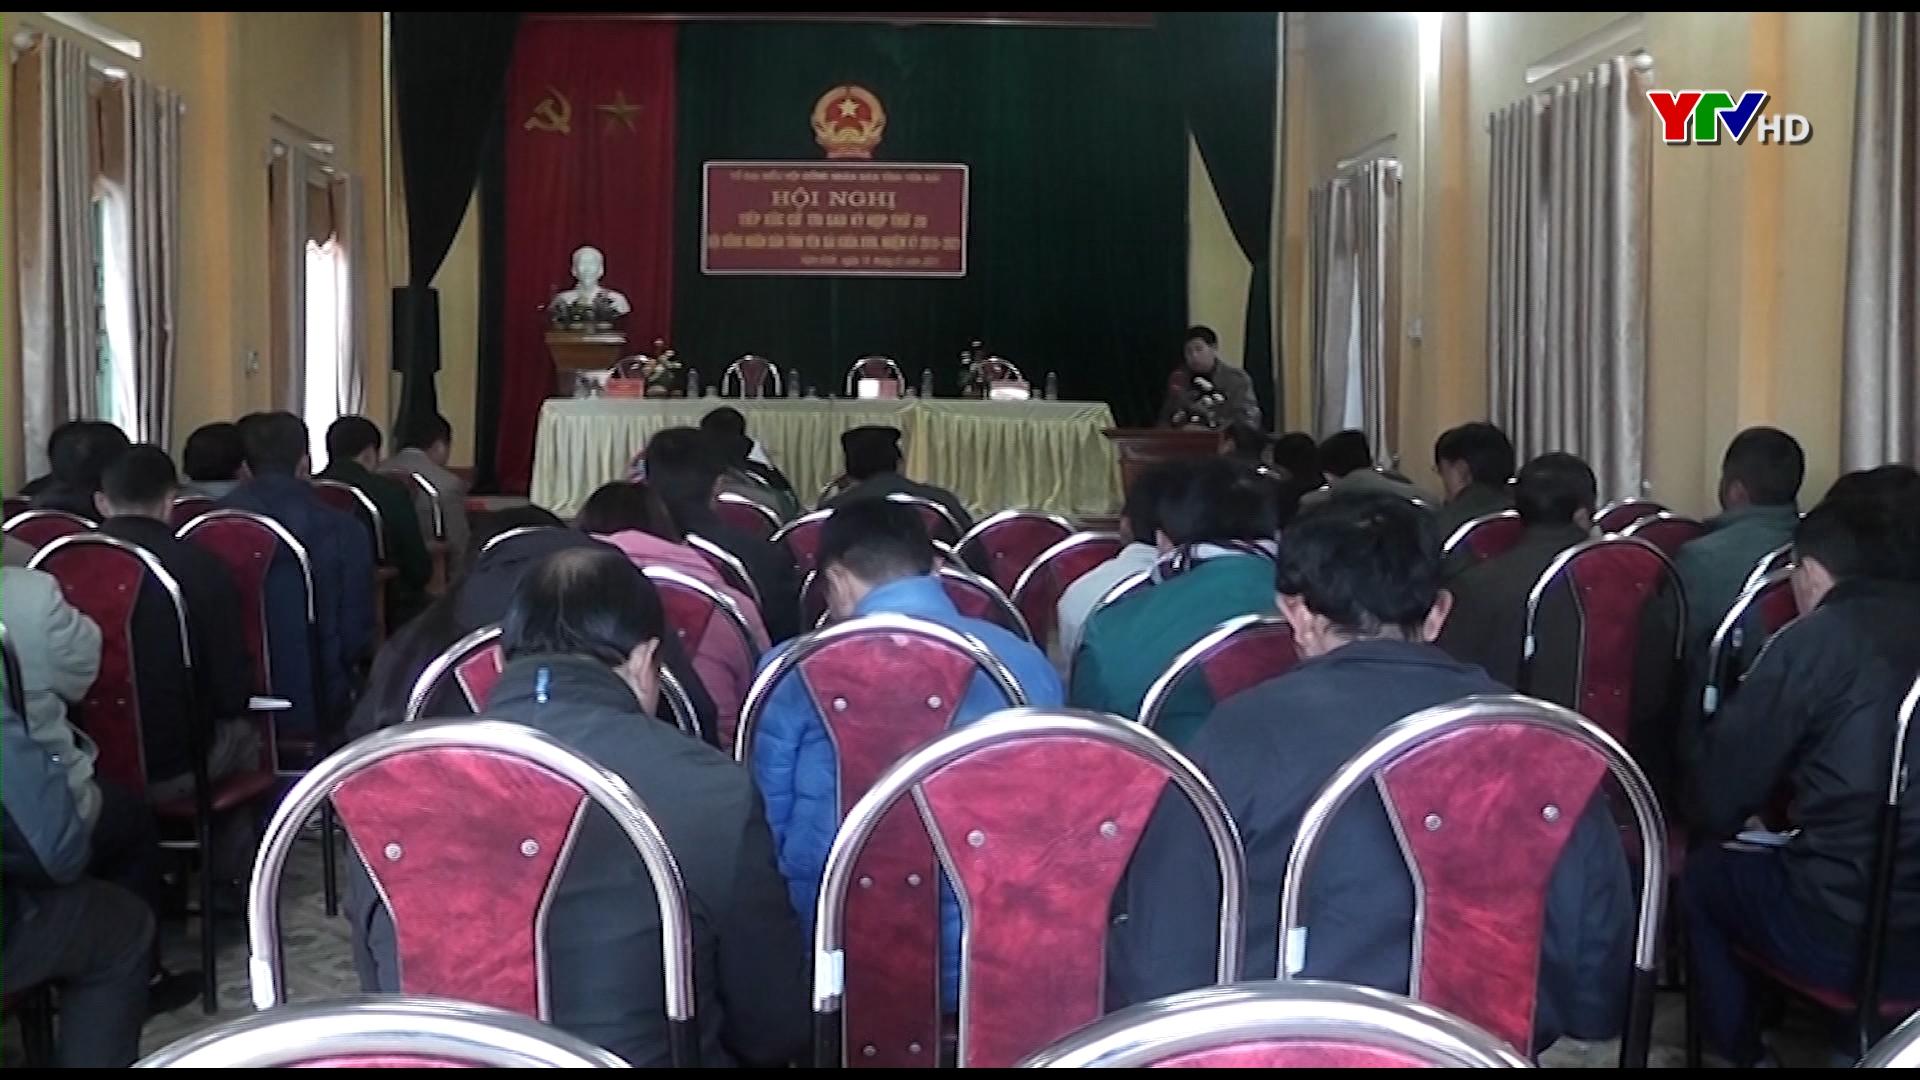 Tổ đại biểu HĐND tỉnh tiếp xúc cử tri huyện Mù Cang Chải